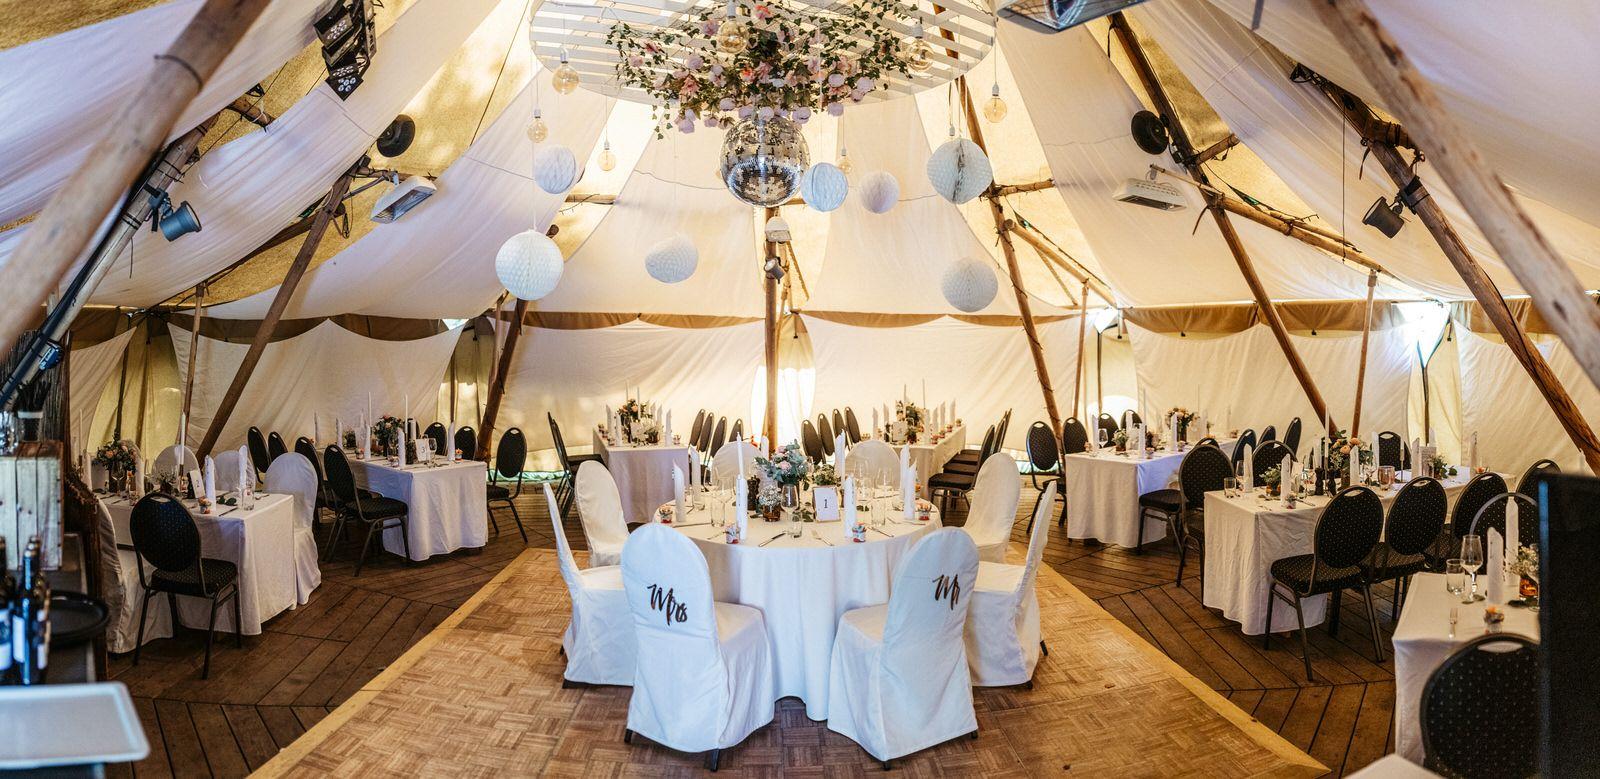 Heiraten Bei Uns Im Tipi Direkt Am Bistensee Hotel Feier Haus